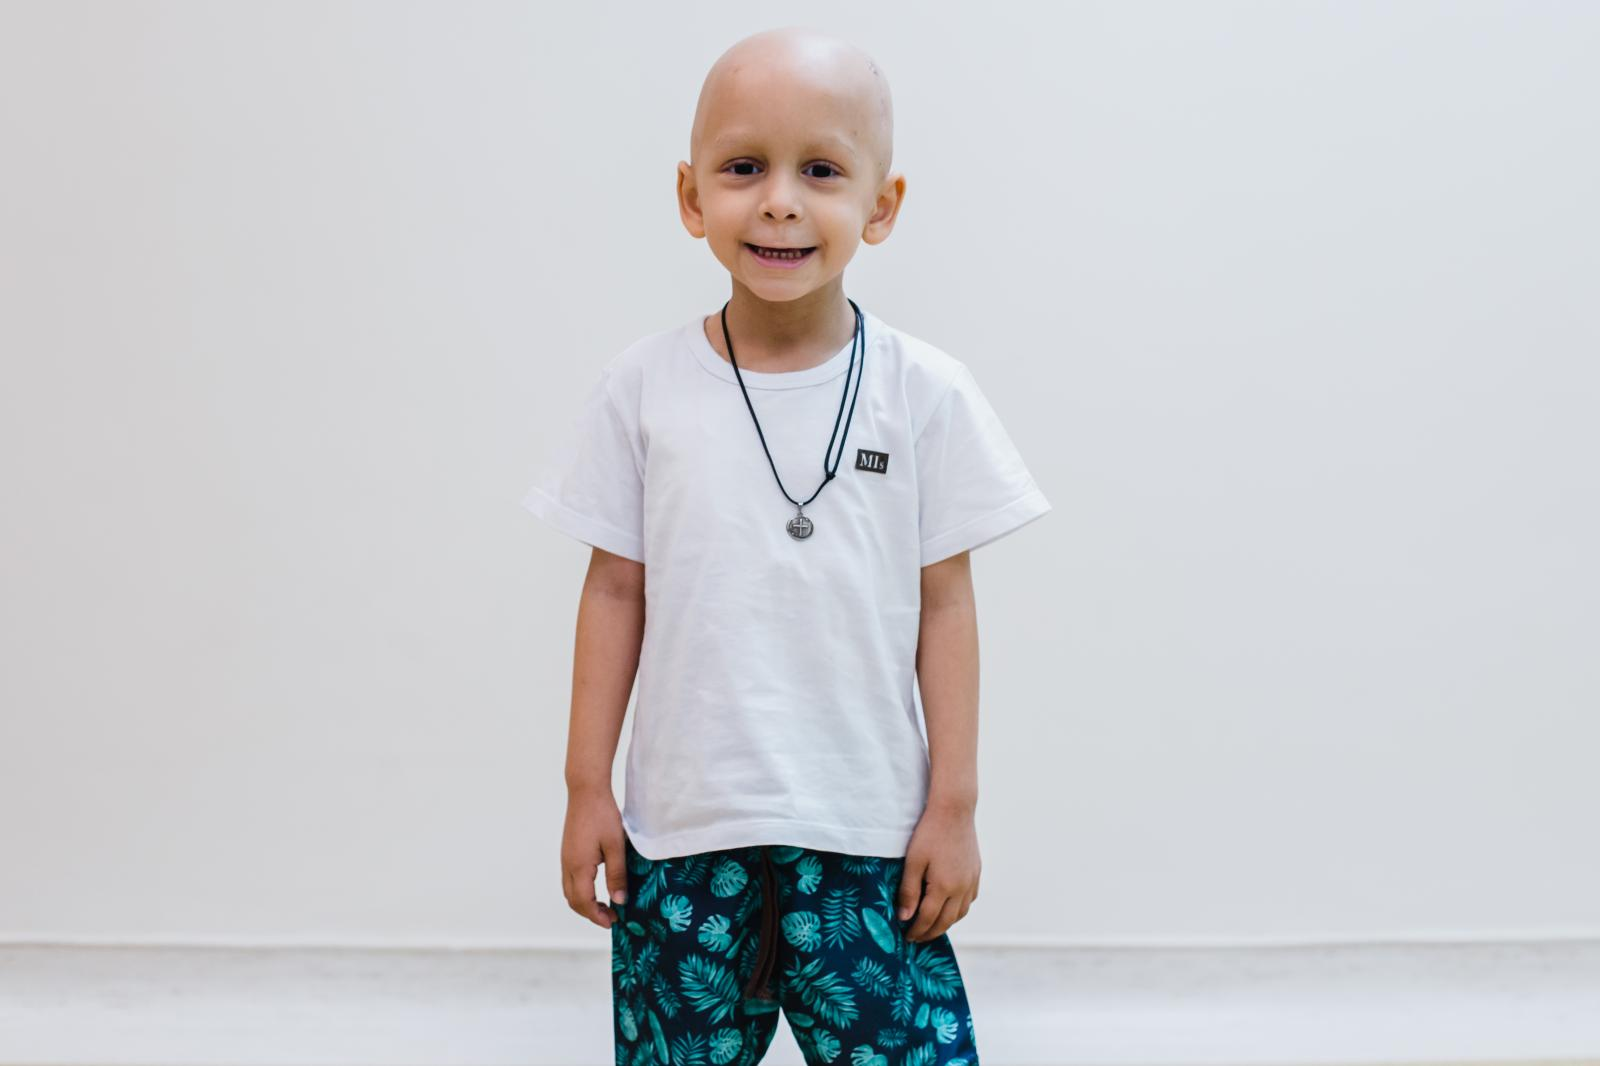 Grendacc destaca a importância do diagnóstico precoce do câncer infantojuvenil